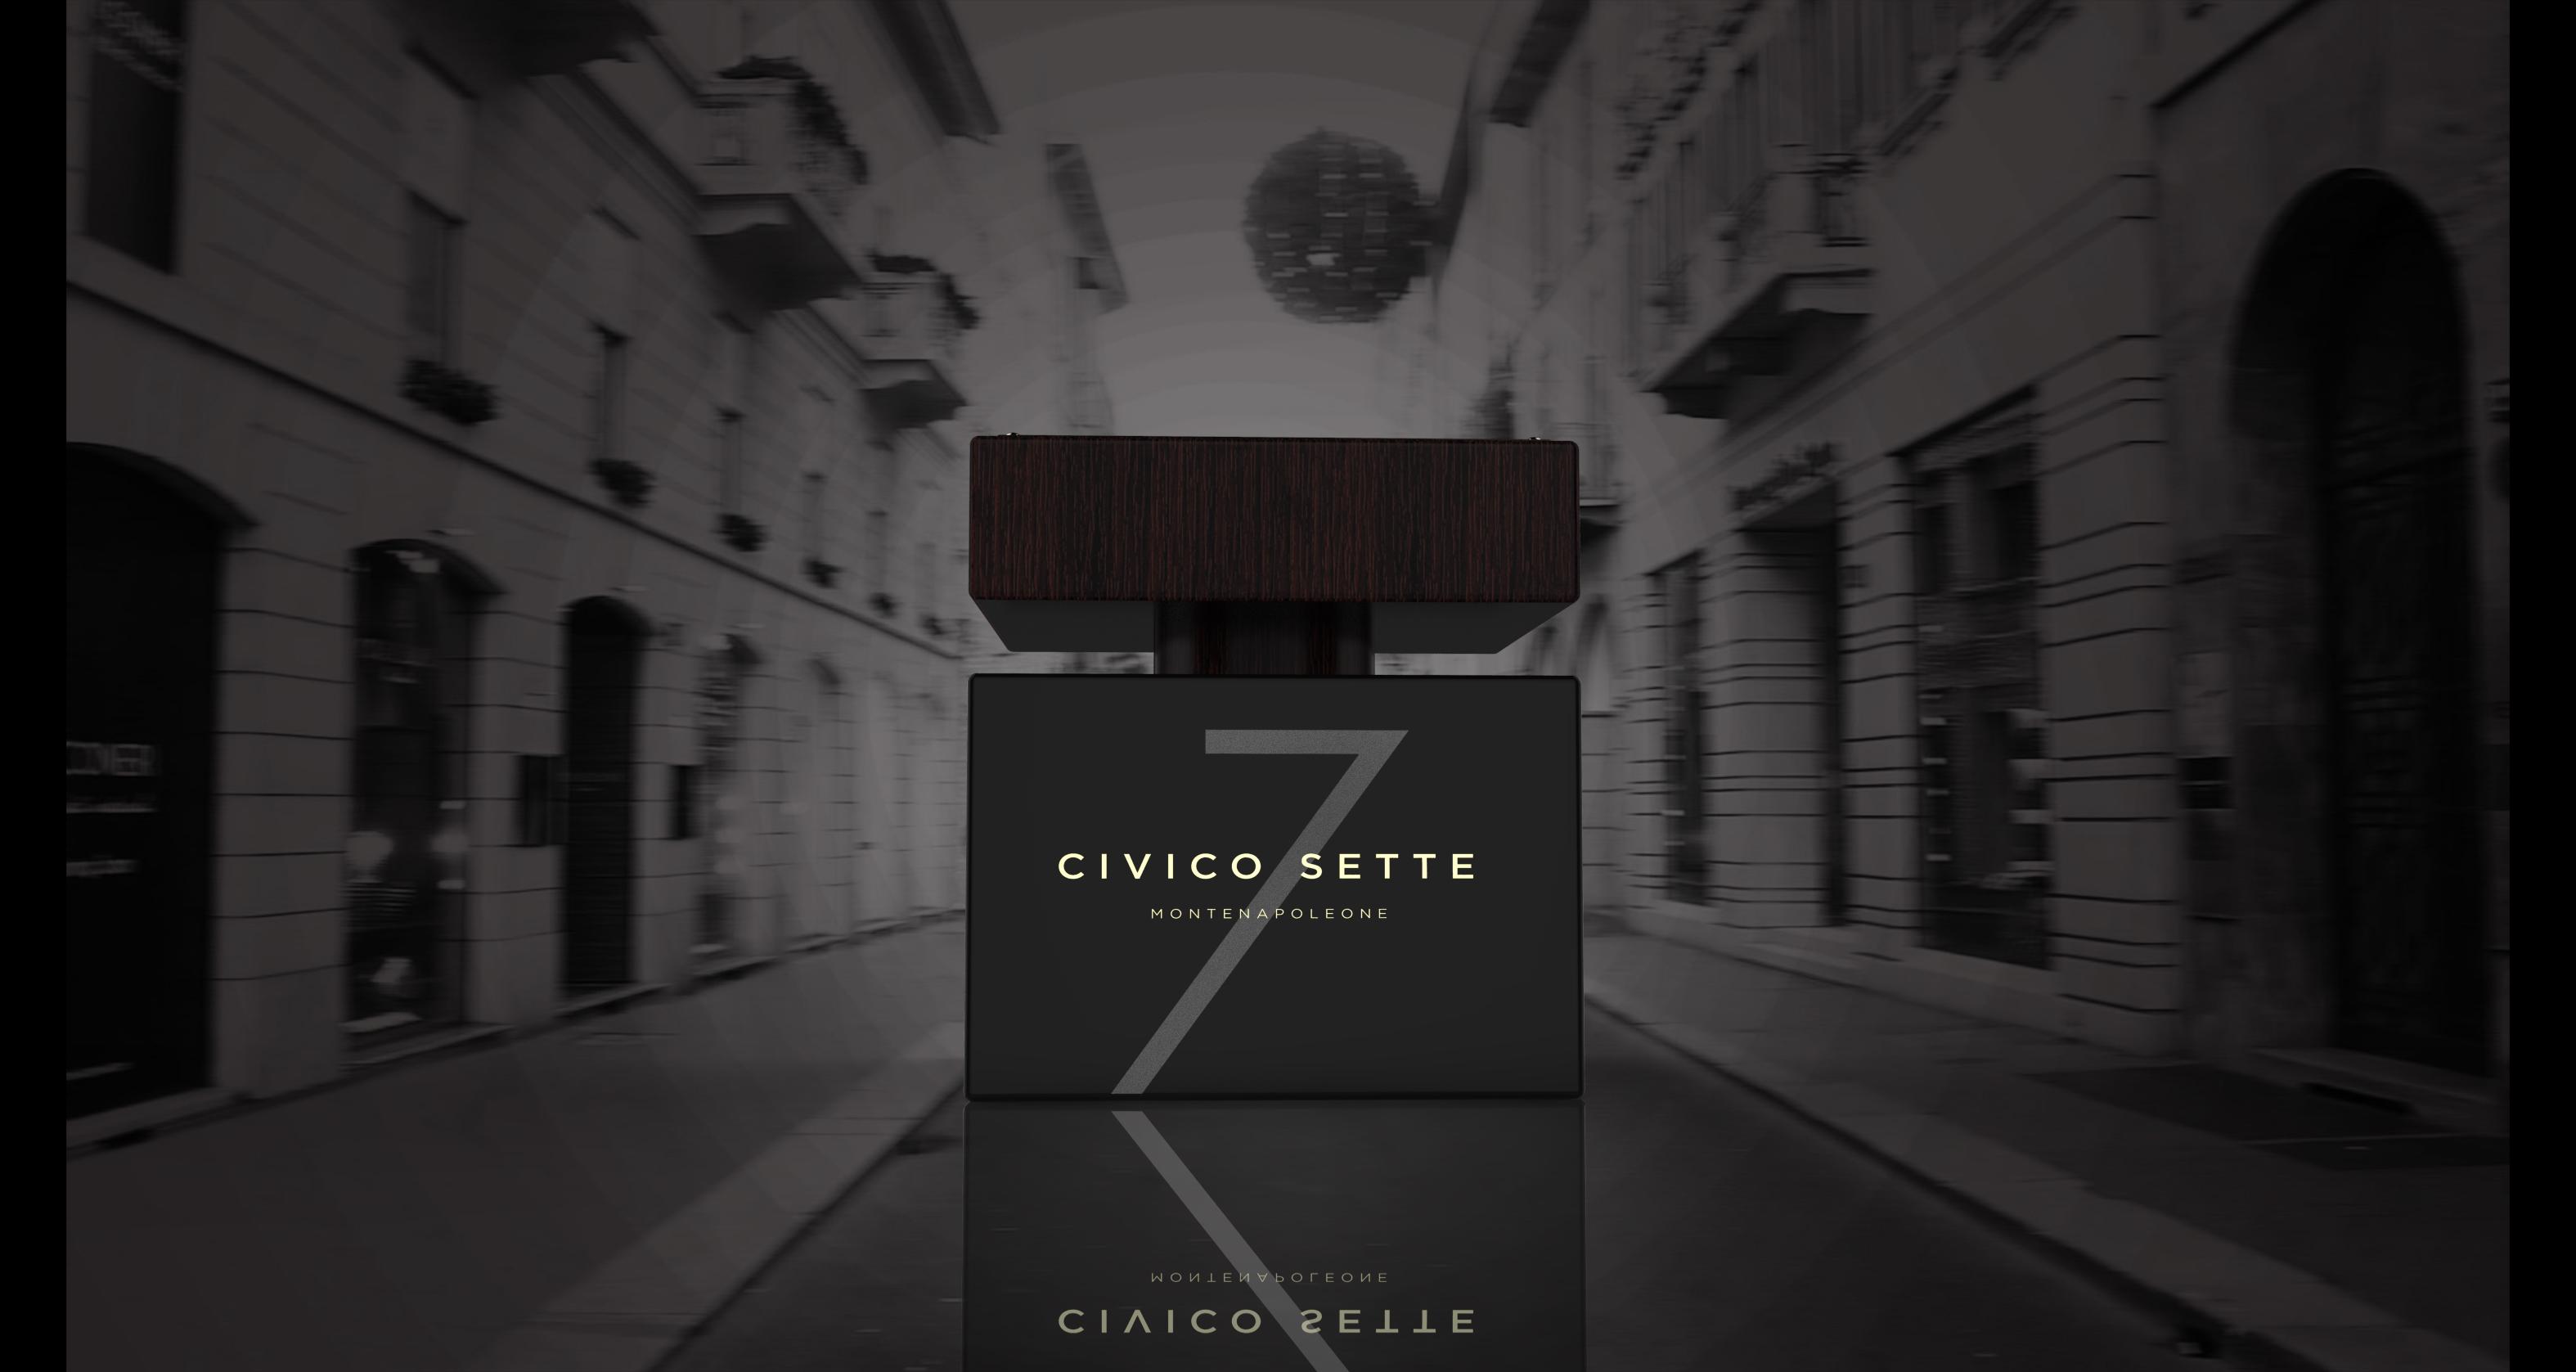 civicosette 01